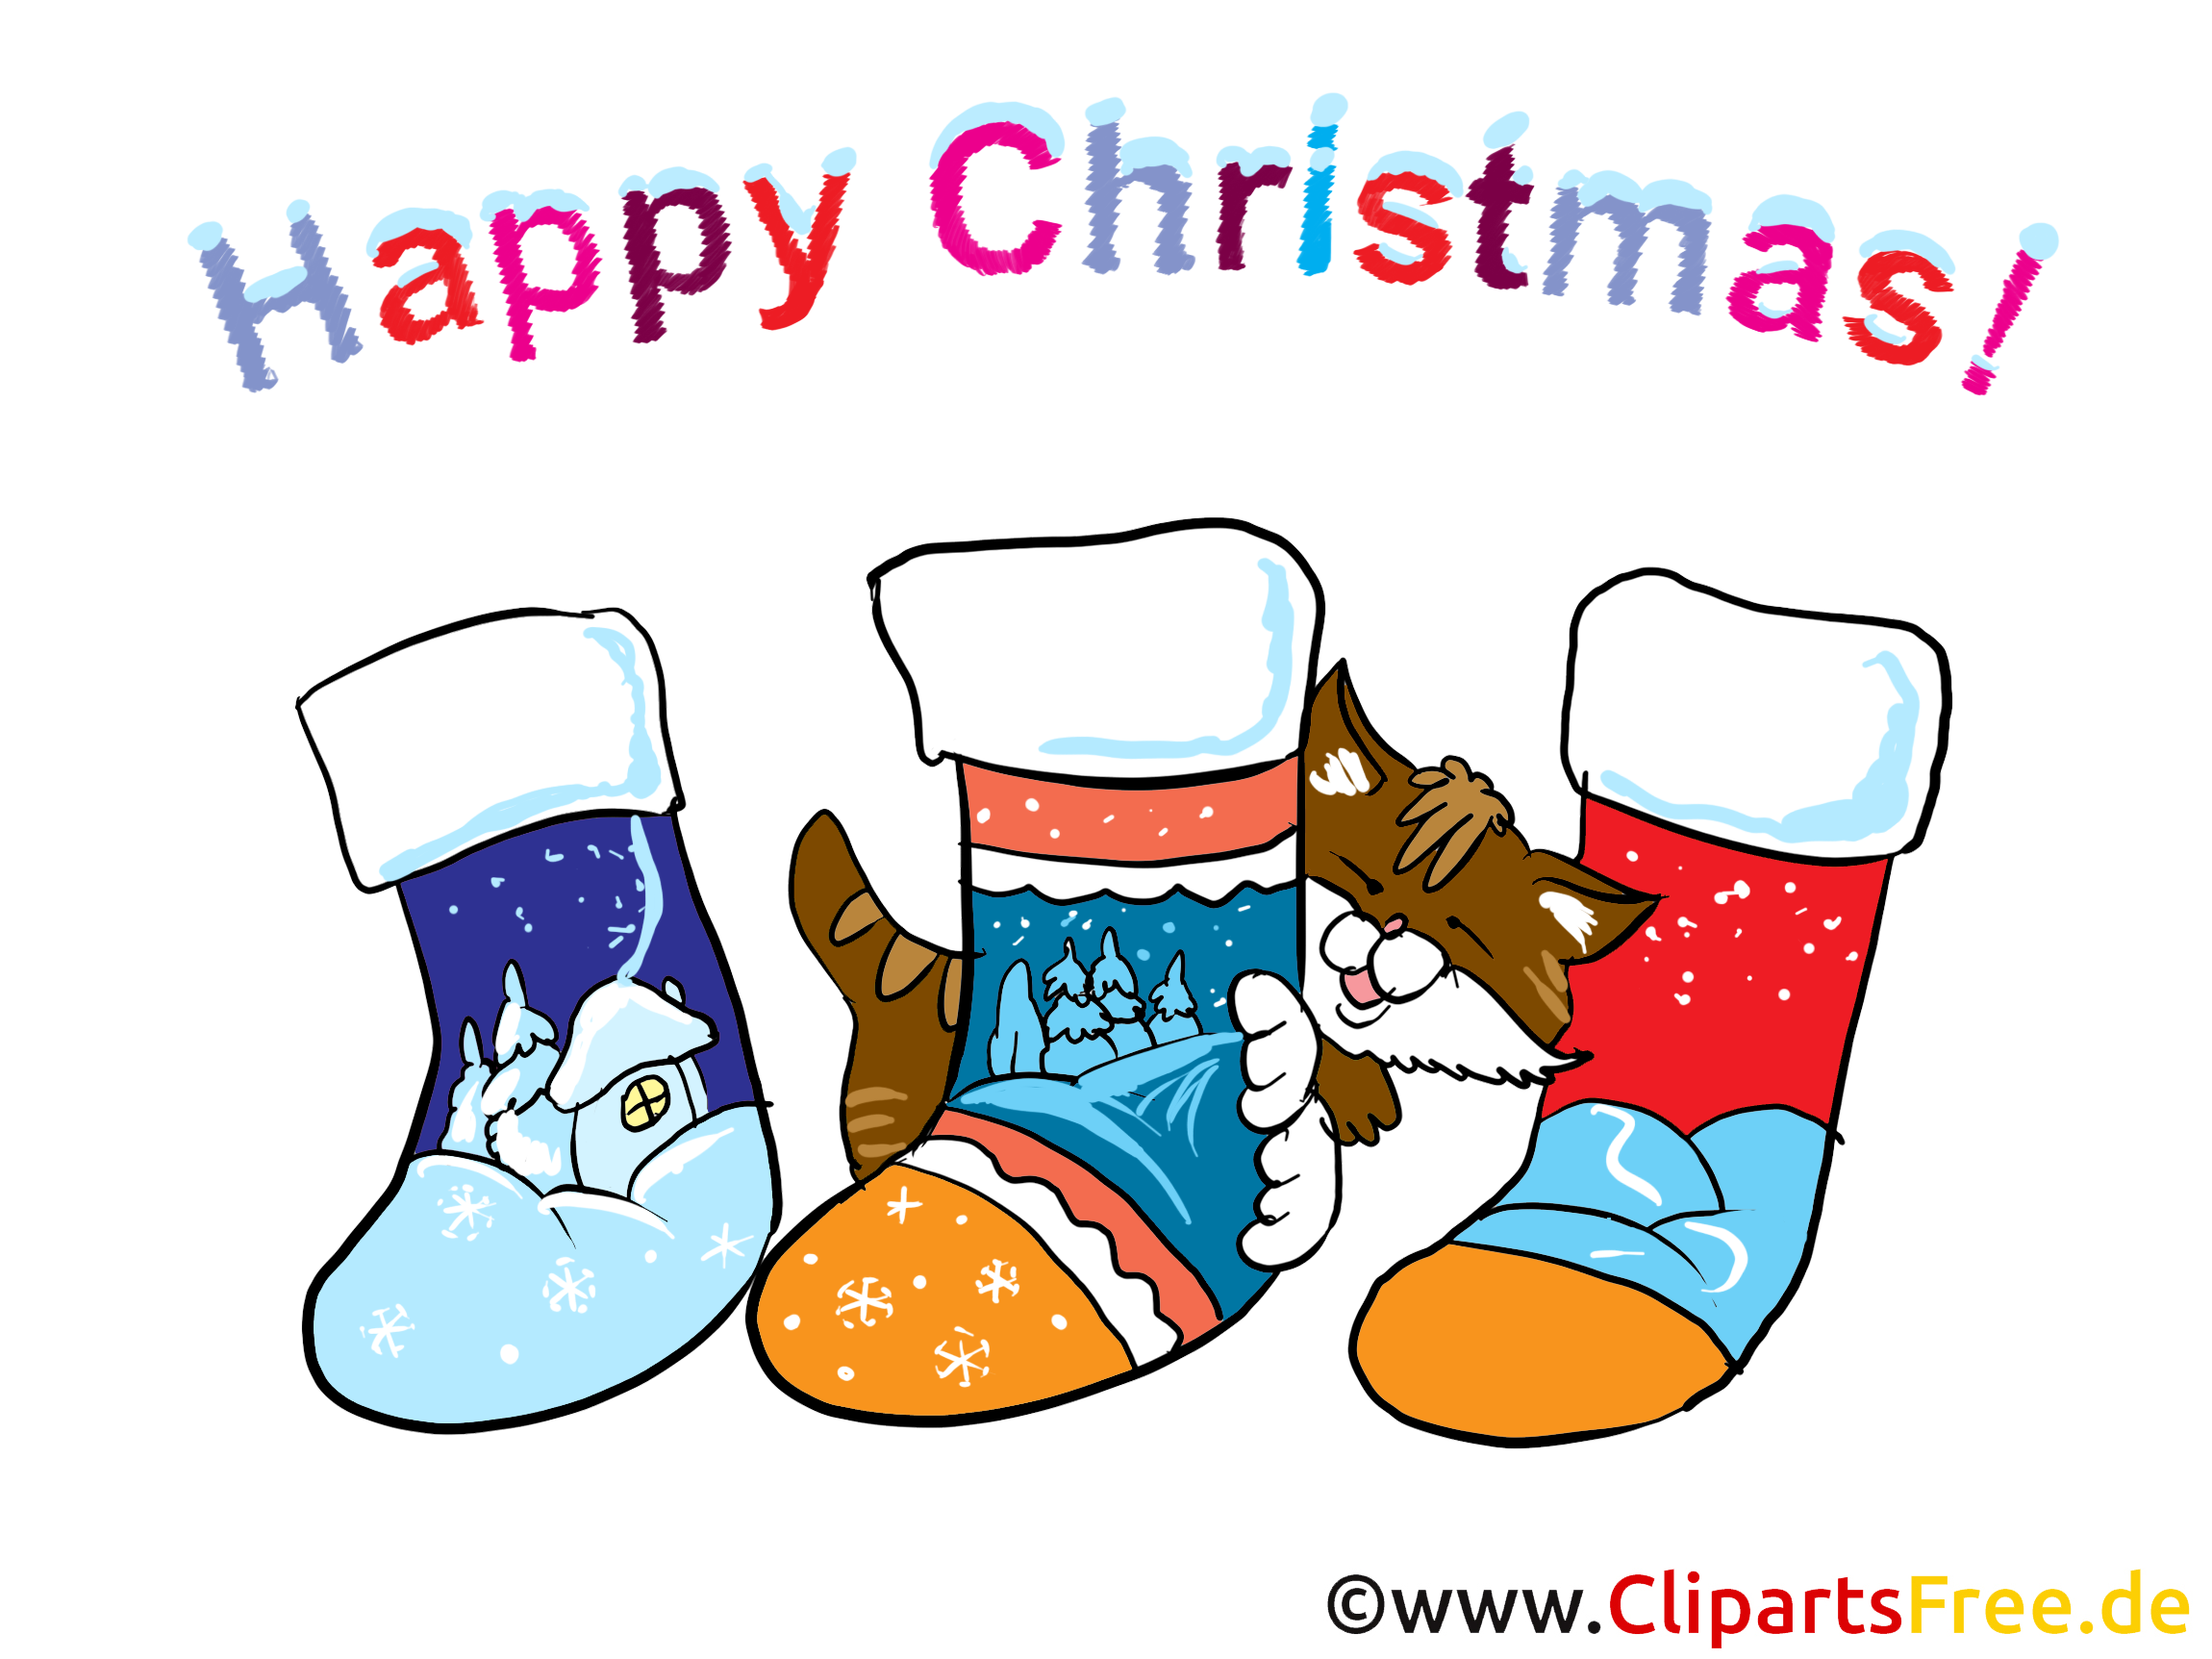 Lustiges Bild zu Weihnachten mit Socken